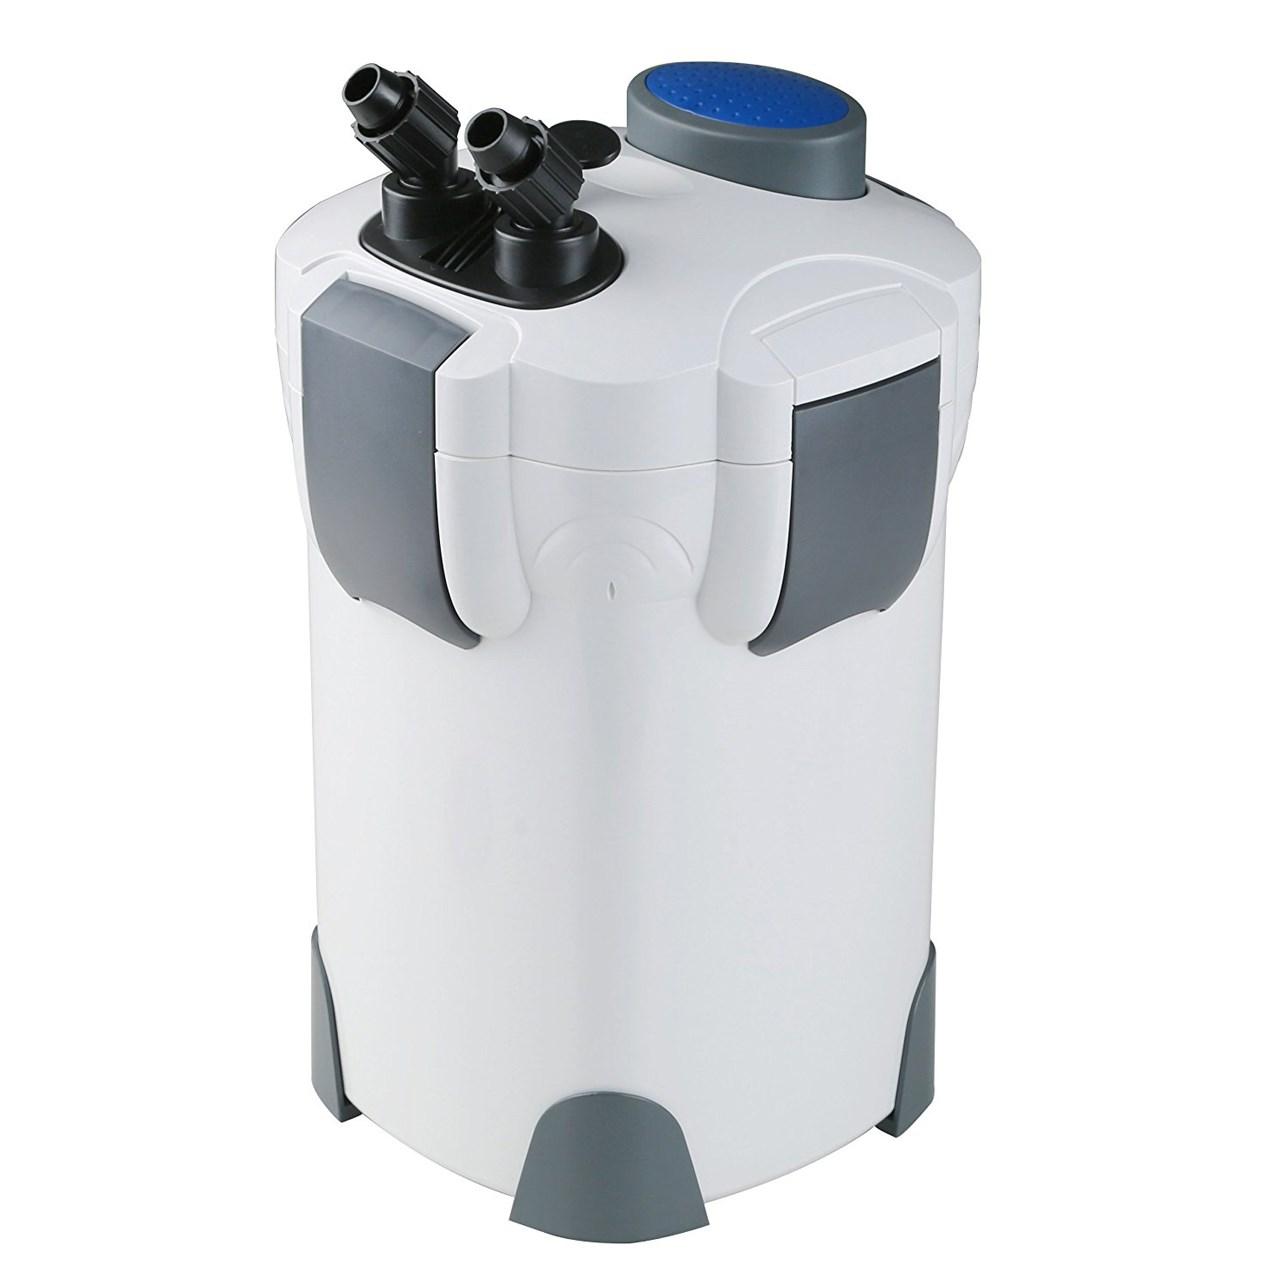 فیلتر تصفیه آب آکواریوم سان سان مدل HW-302